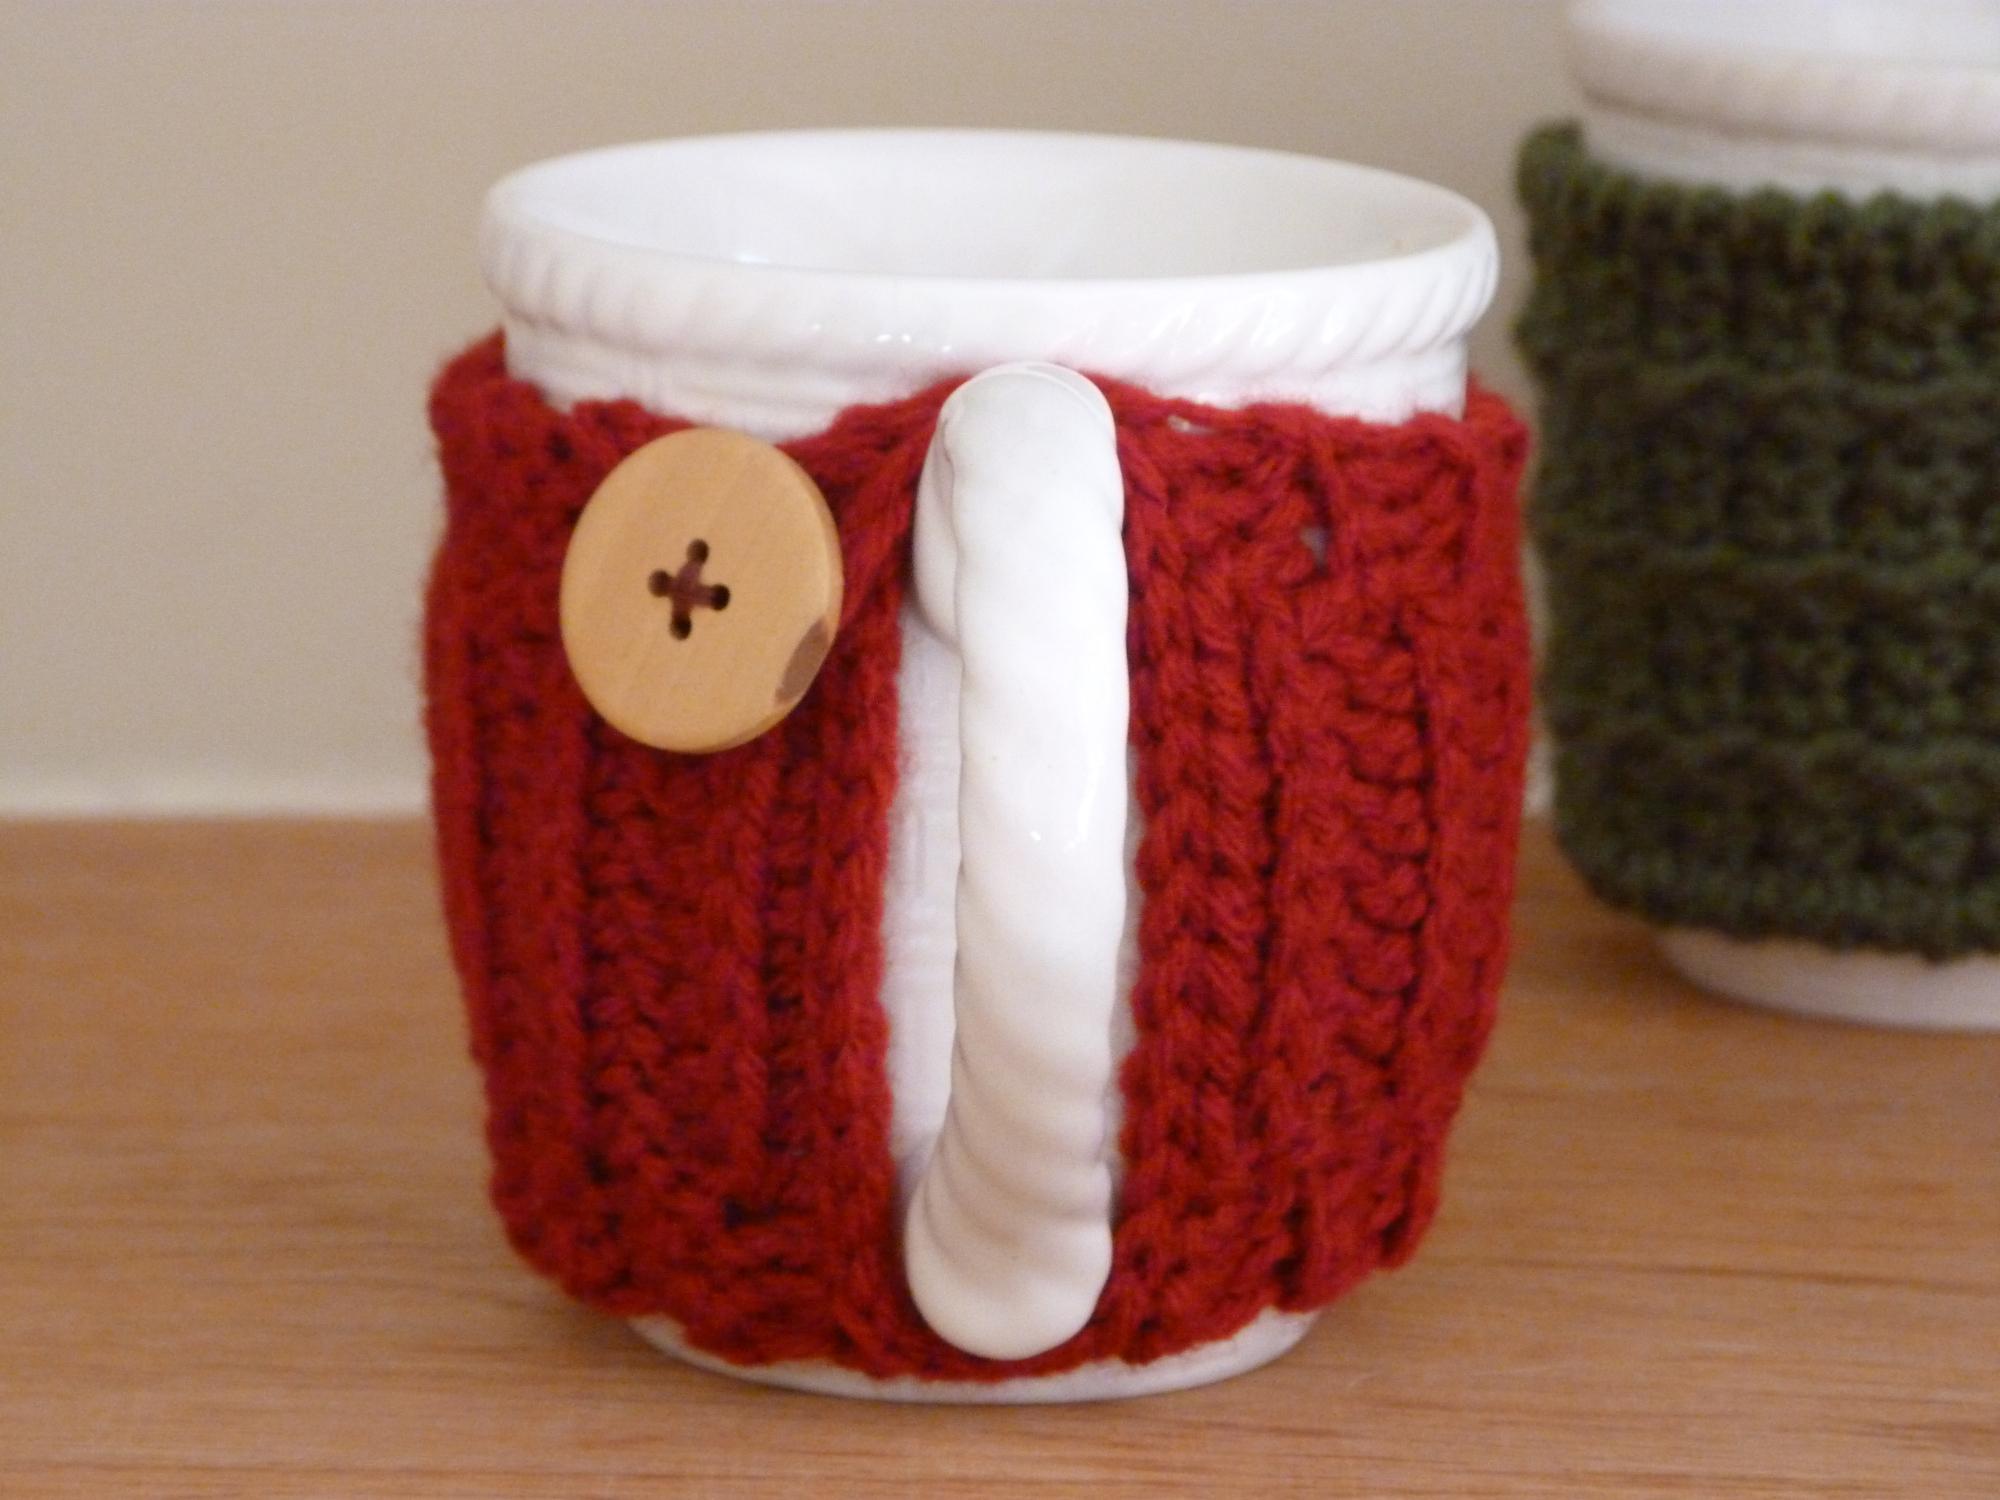 3. Sweater Mug Cozies